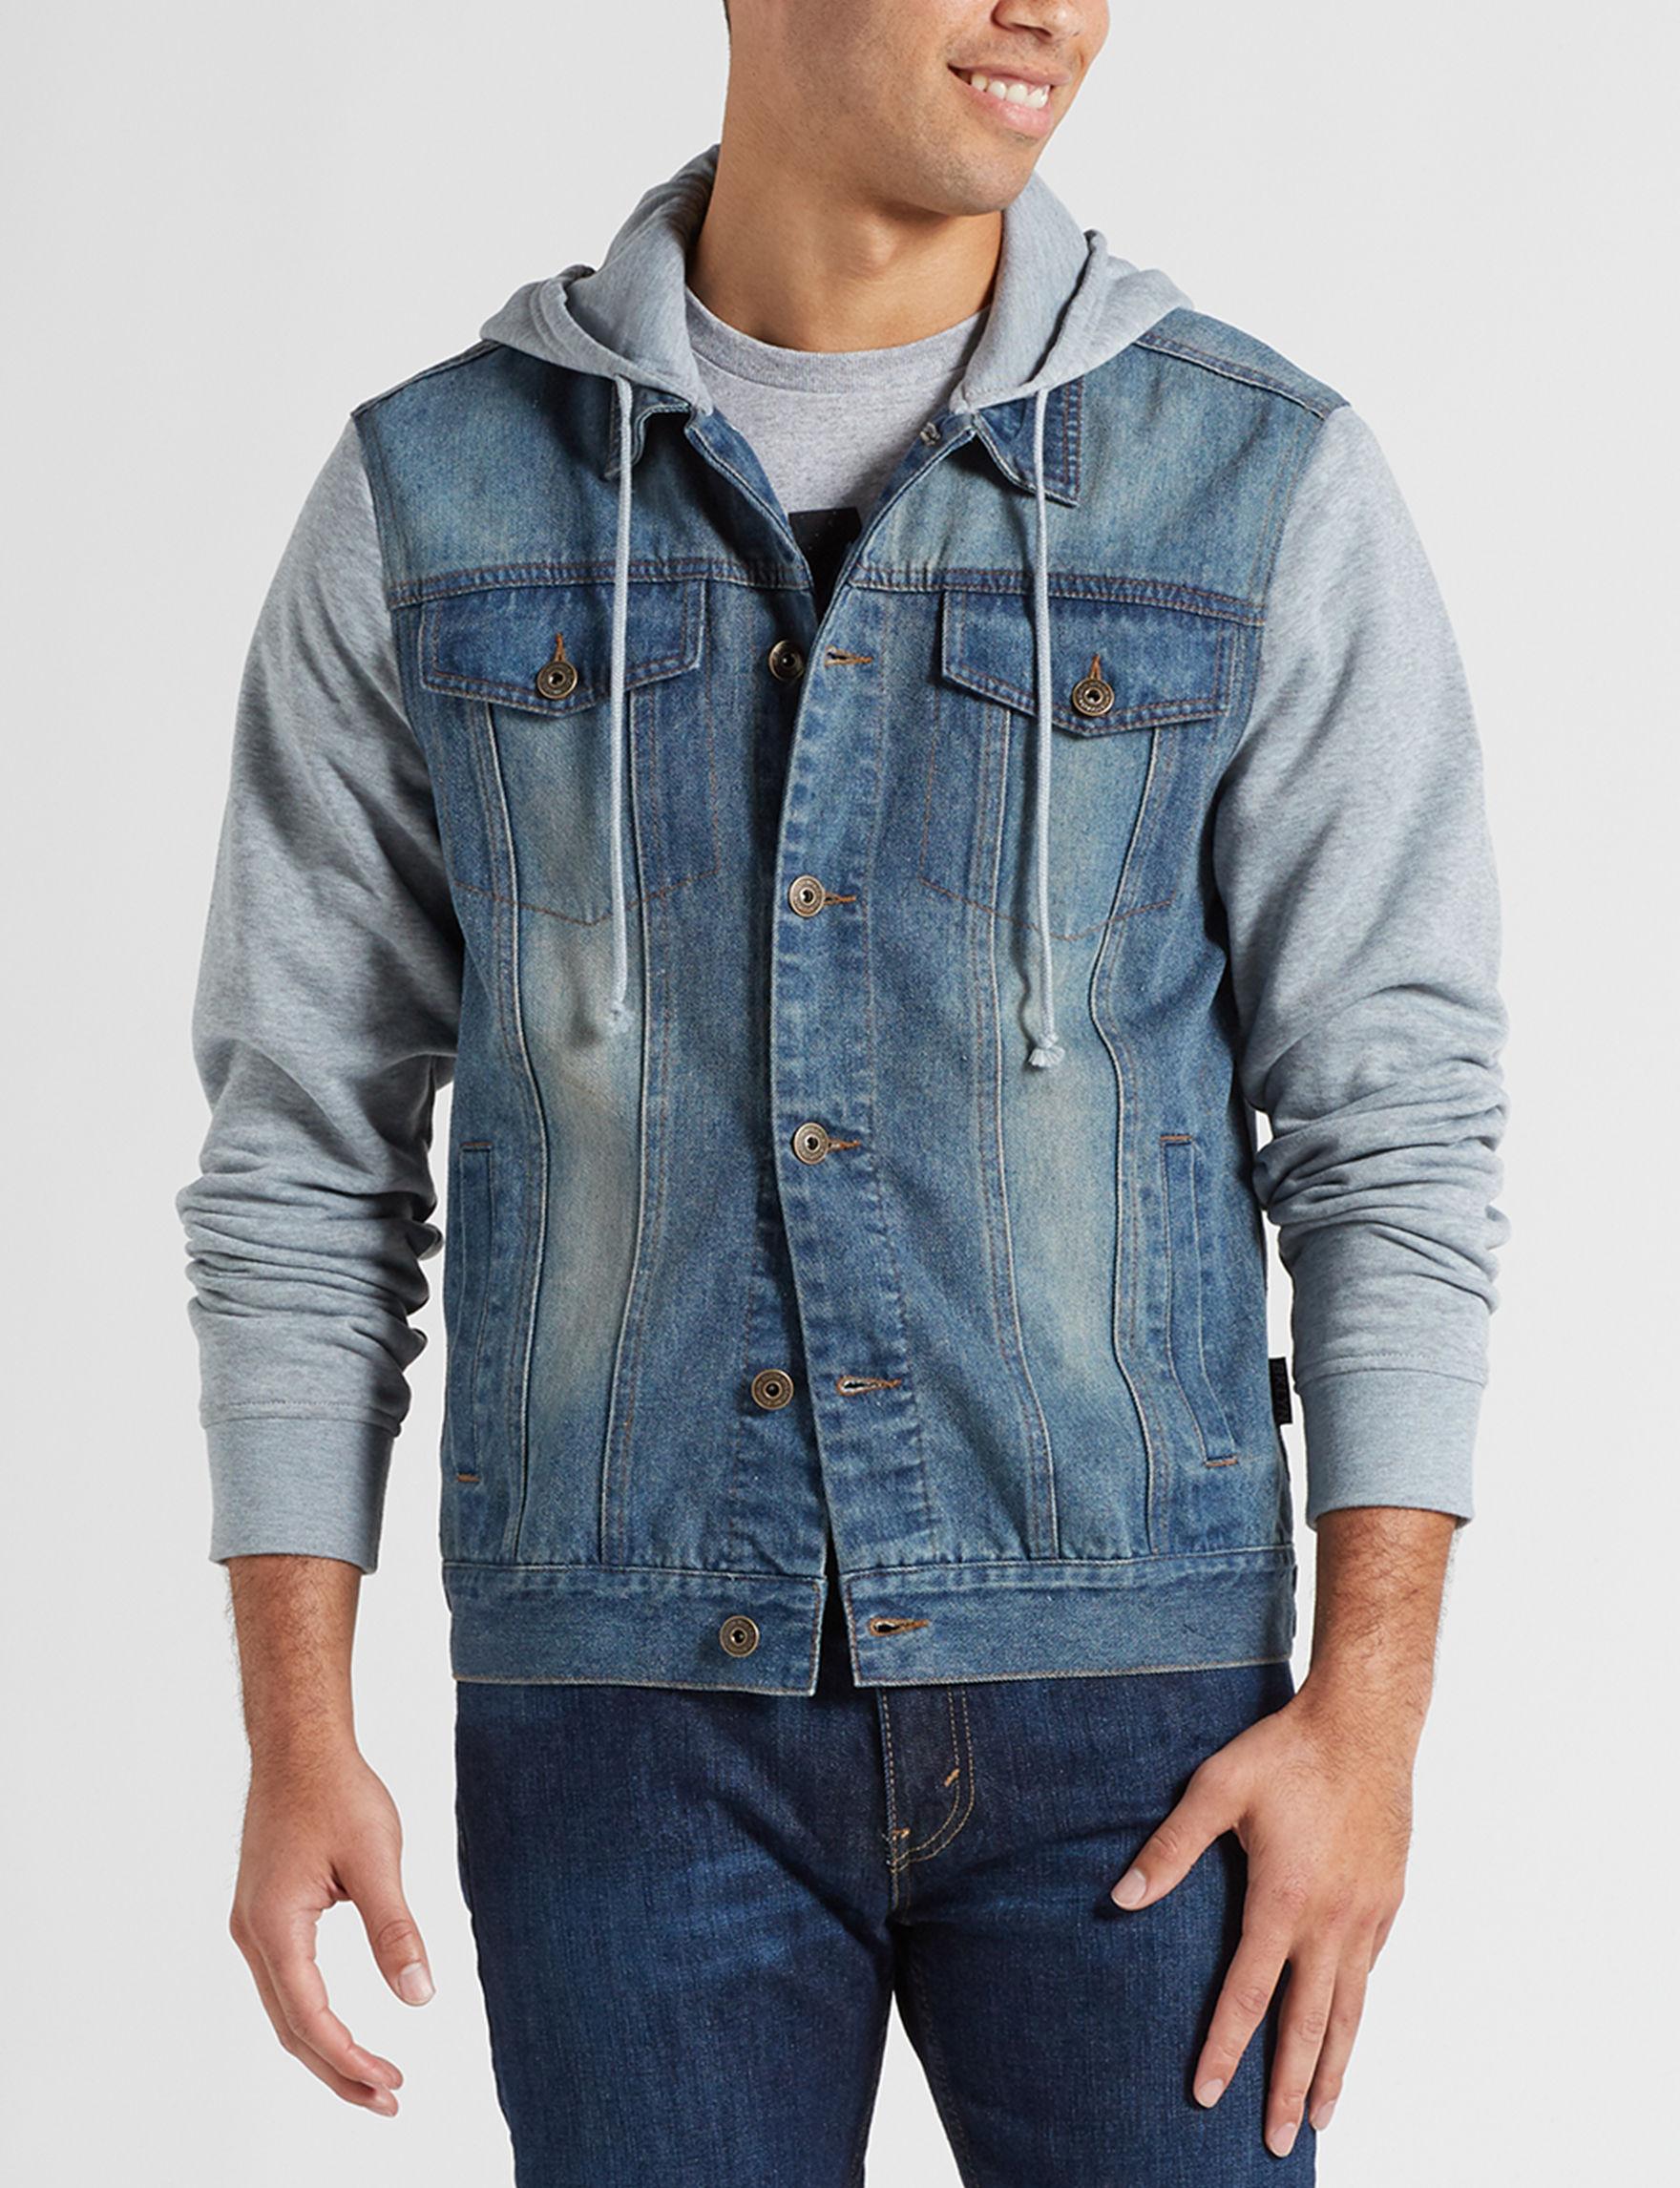 Brooklyn Cloth Denim / Grey